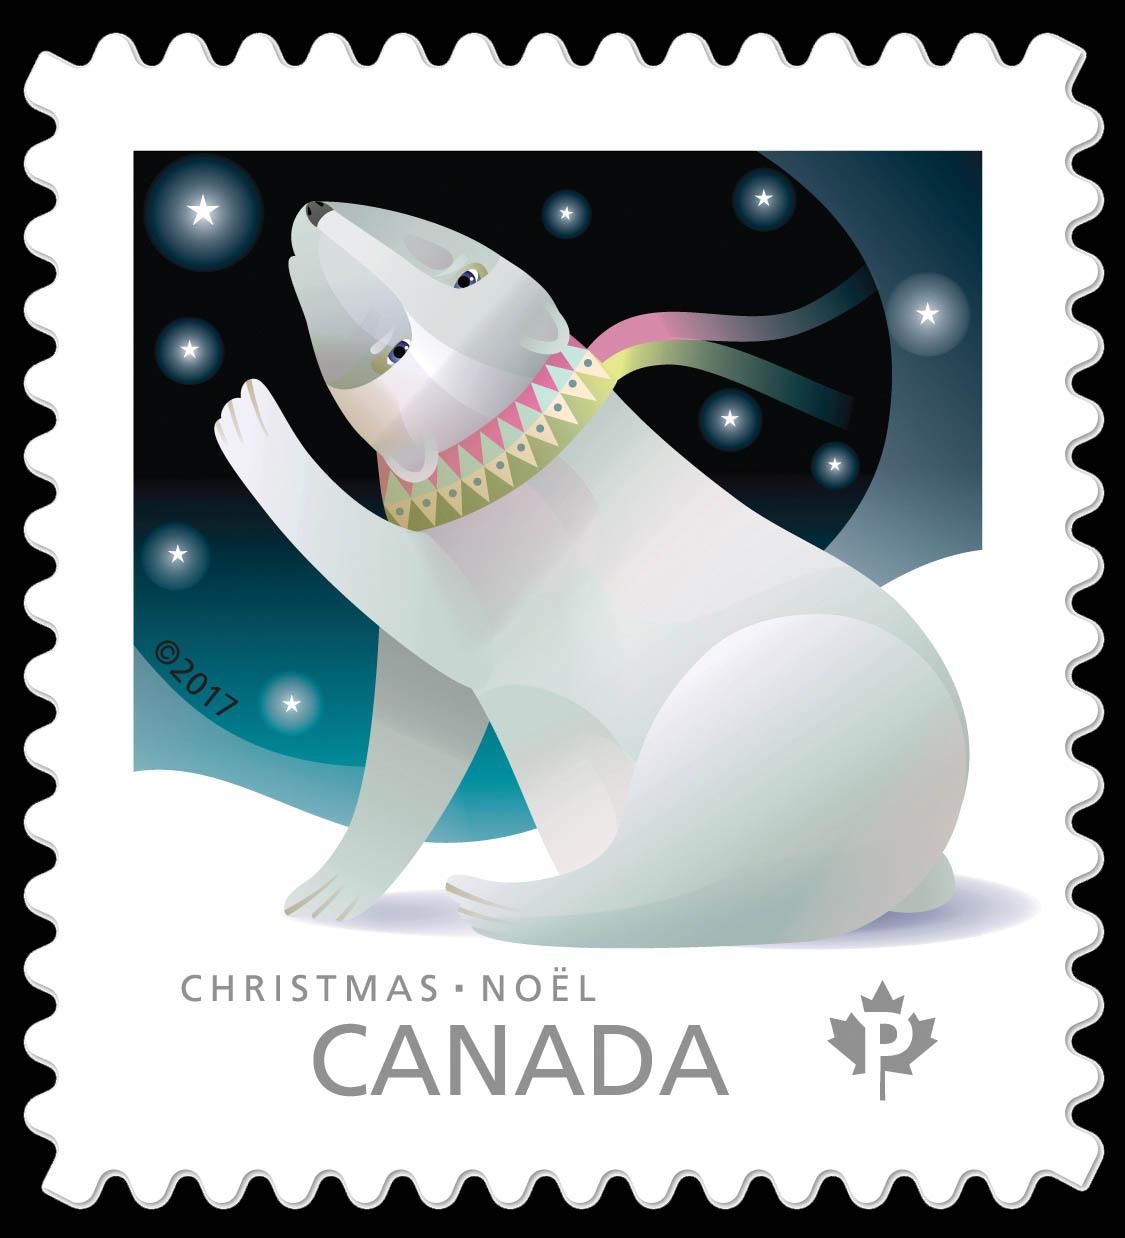 Polar Bear - Christmas Animals Canada Postage Stamp | Christmas 2017